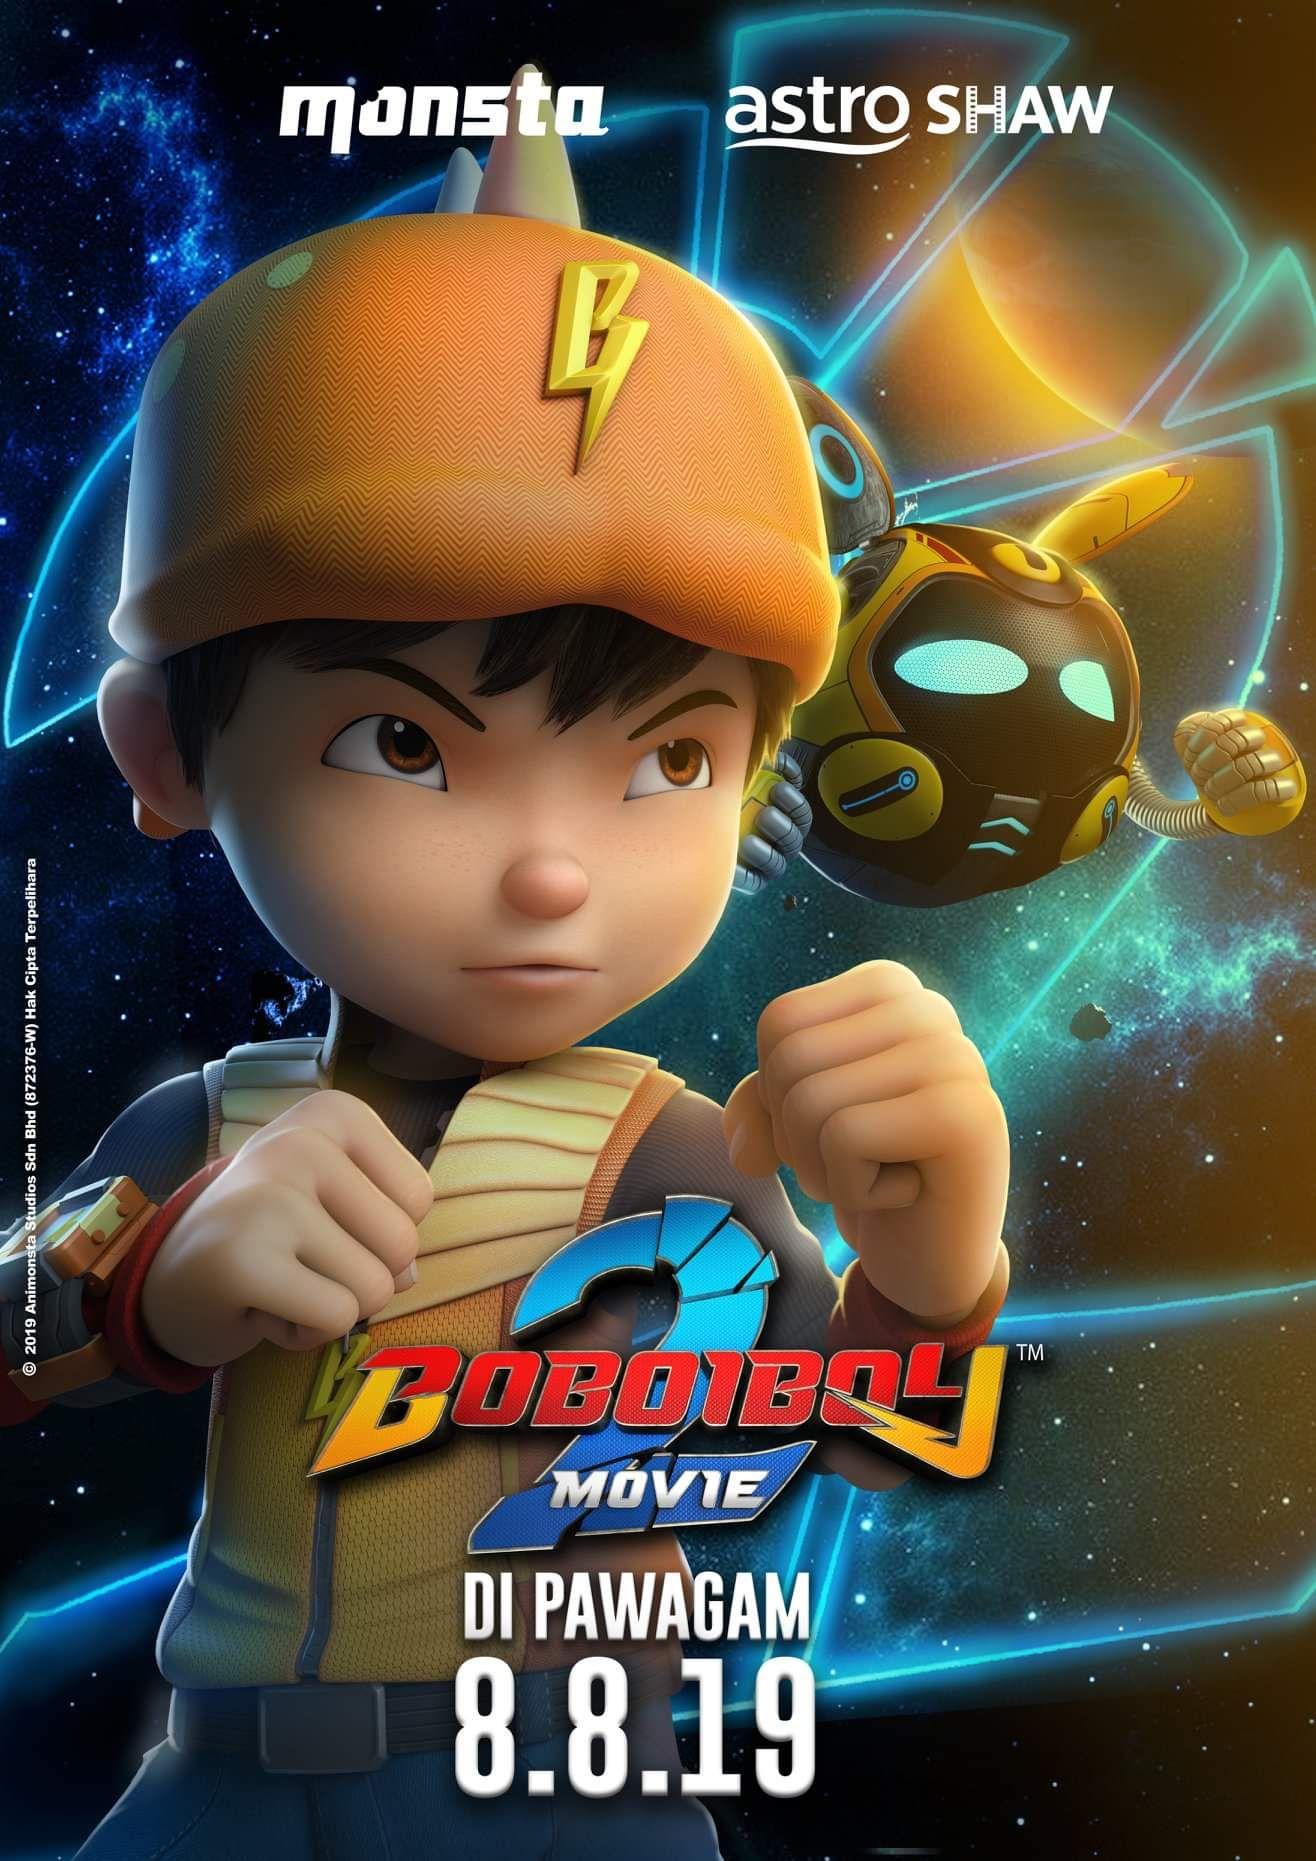 Streaming Boboiboy Movie 2 : streaming, boboiboy, movie, BoBoiBoy, Movie, Boboiboy, Fandom, Galaxy,, Galaxy, Movie,, Anime